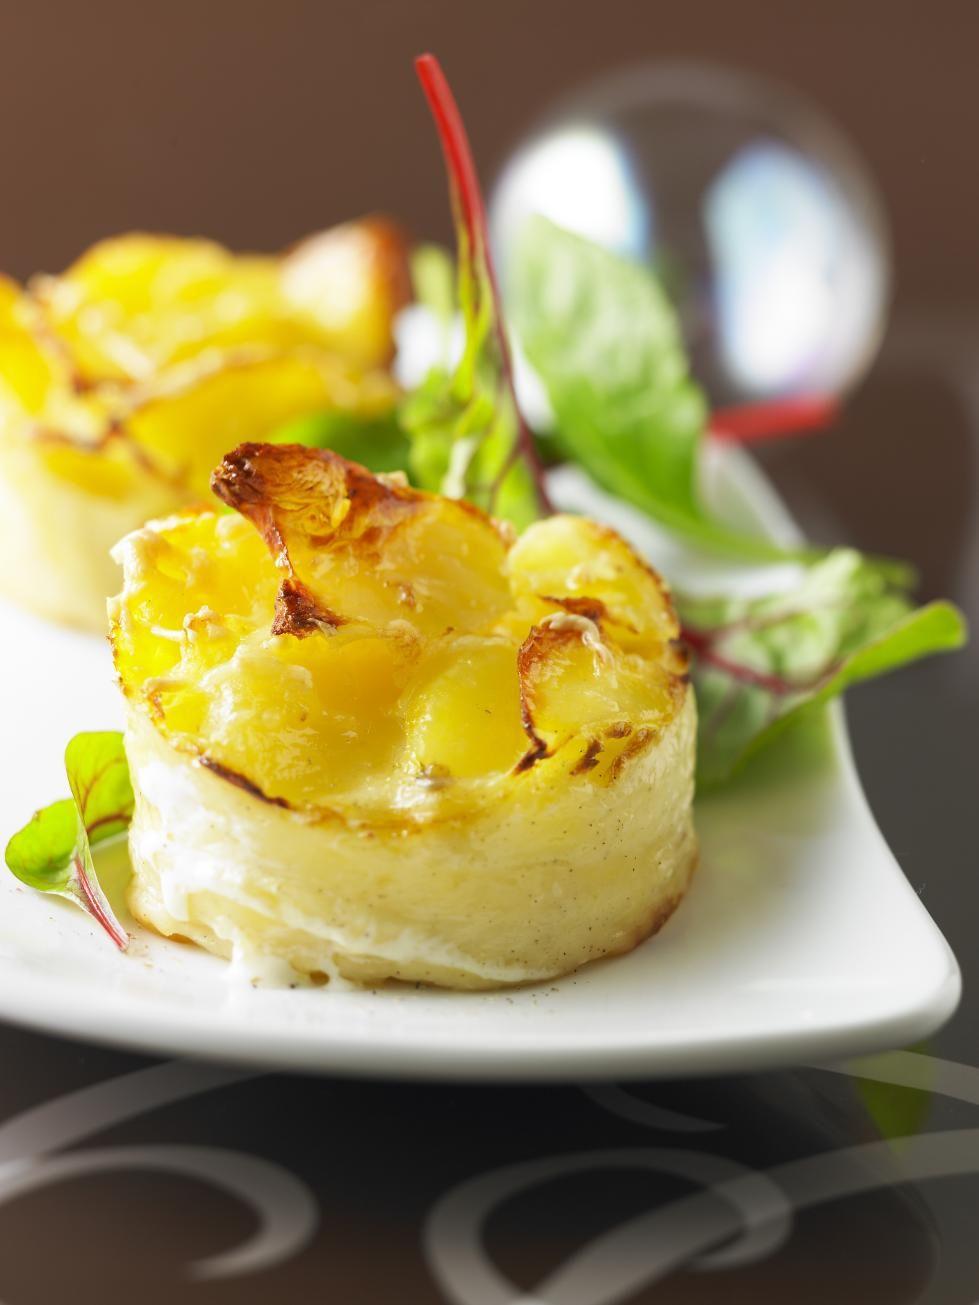 fa4f13ff029 4 mini-gratins de pomme de terre surgelés - Les légumes